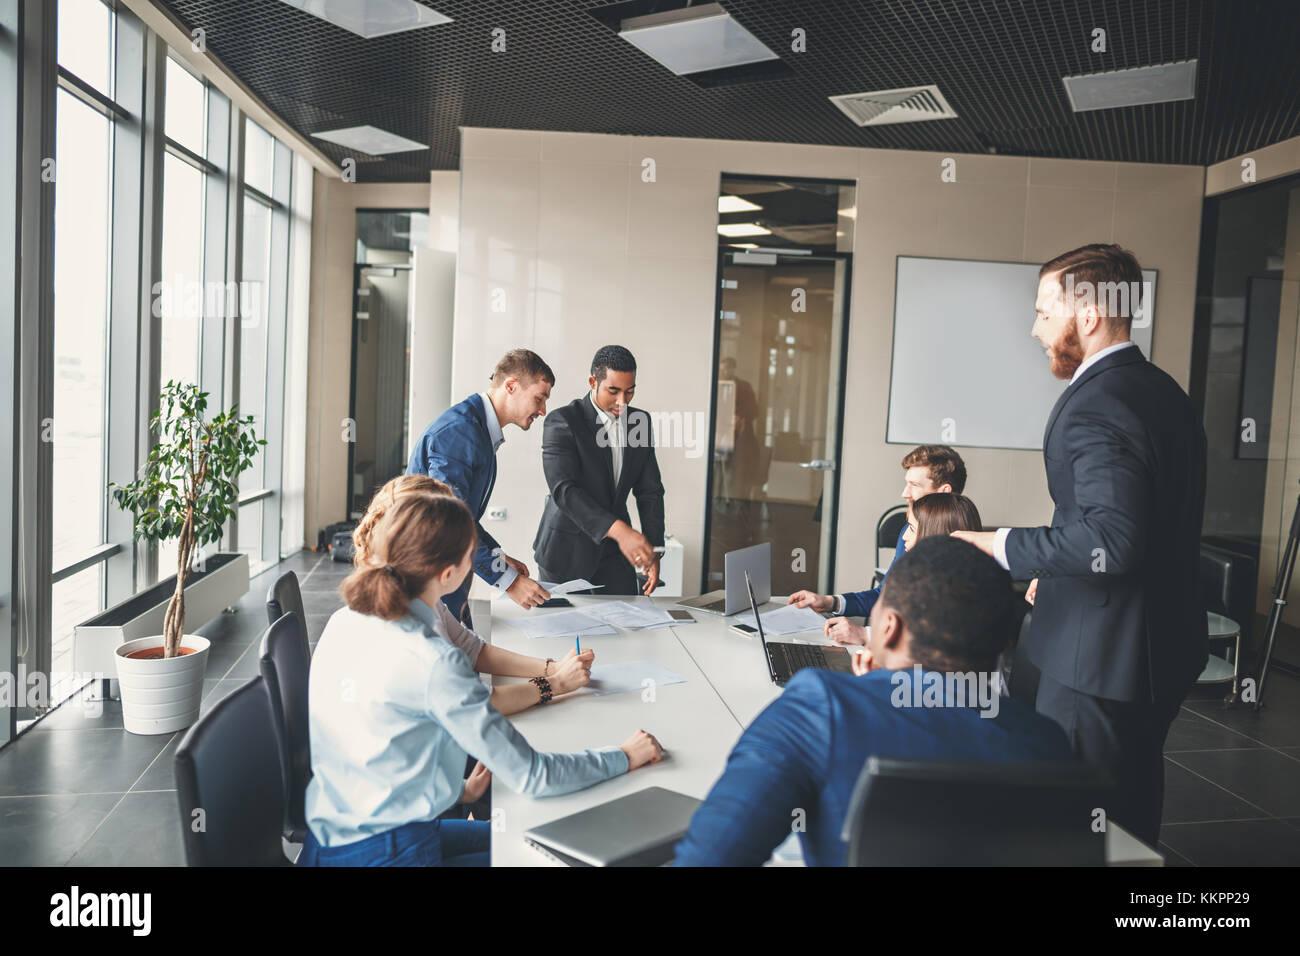 Equipo de negocios y gerente en una reunión Imagen De Stock